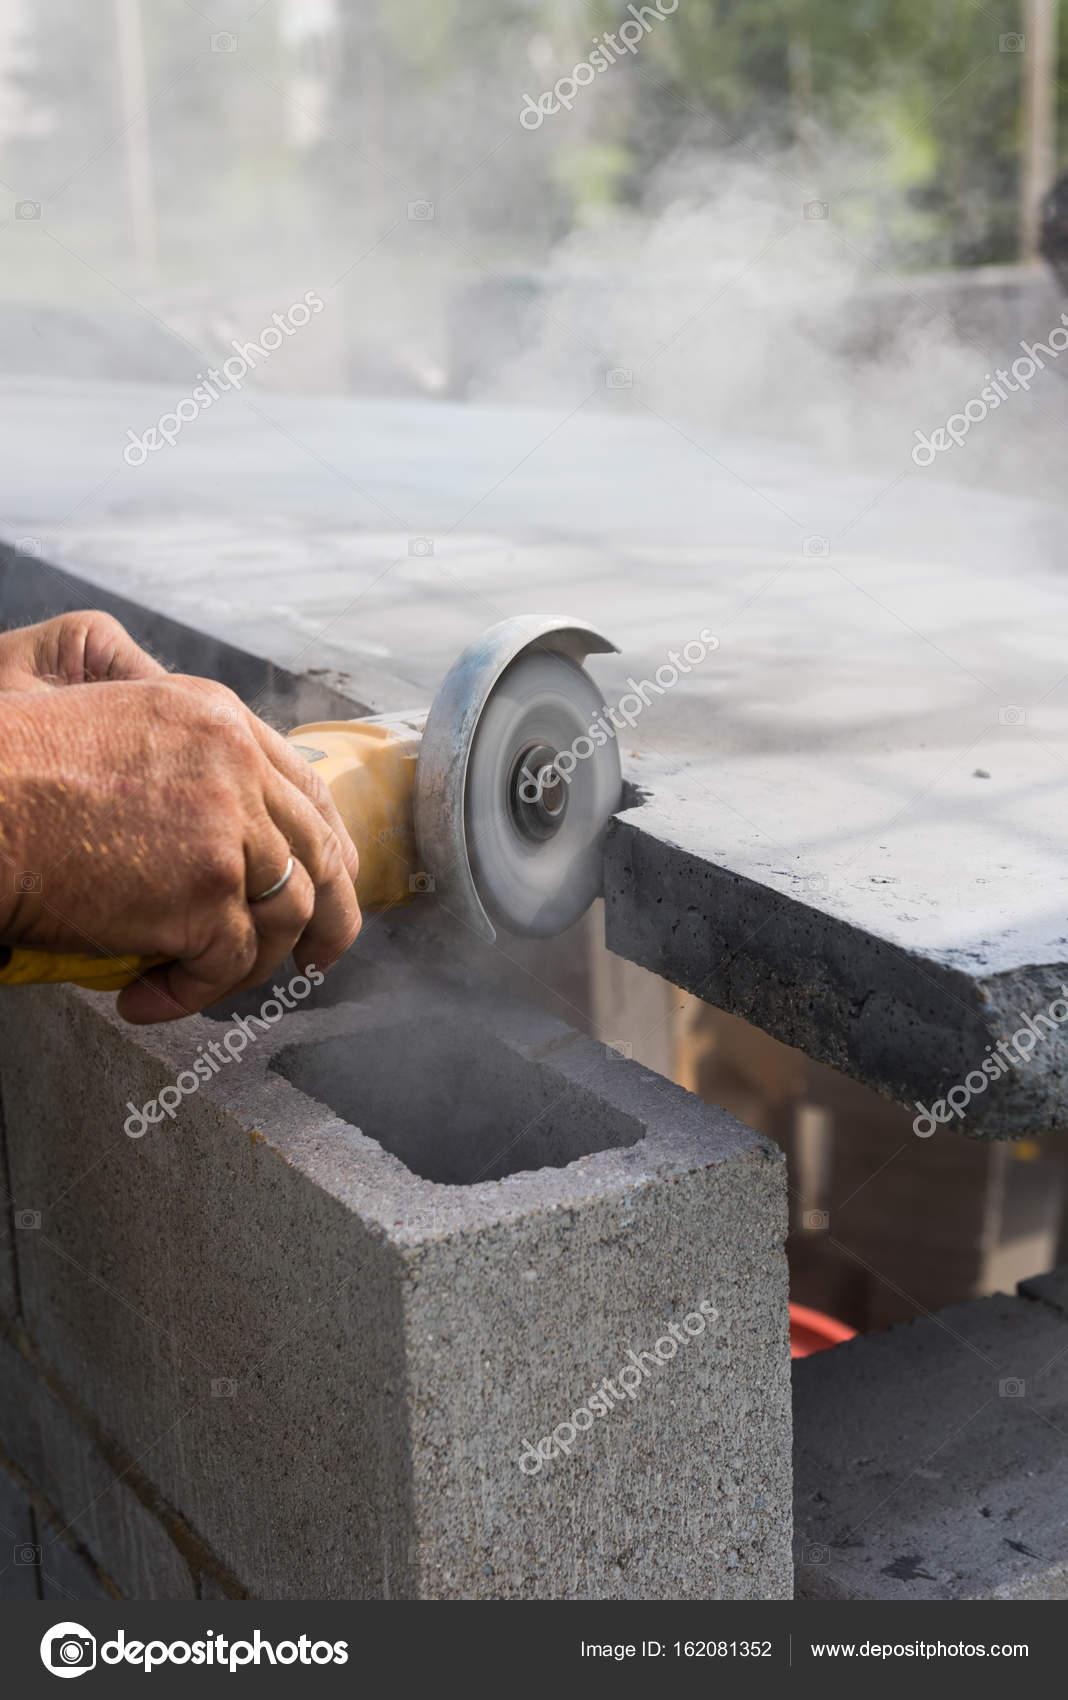 Arbeitsplatte Schneiden U2014 Stockfoto. Eine Platte Aus Beton Coutner Oben Ist  Für Strom, Gekerbt Wird U2014 Foto Von Homank76